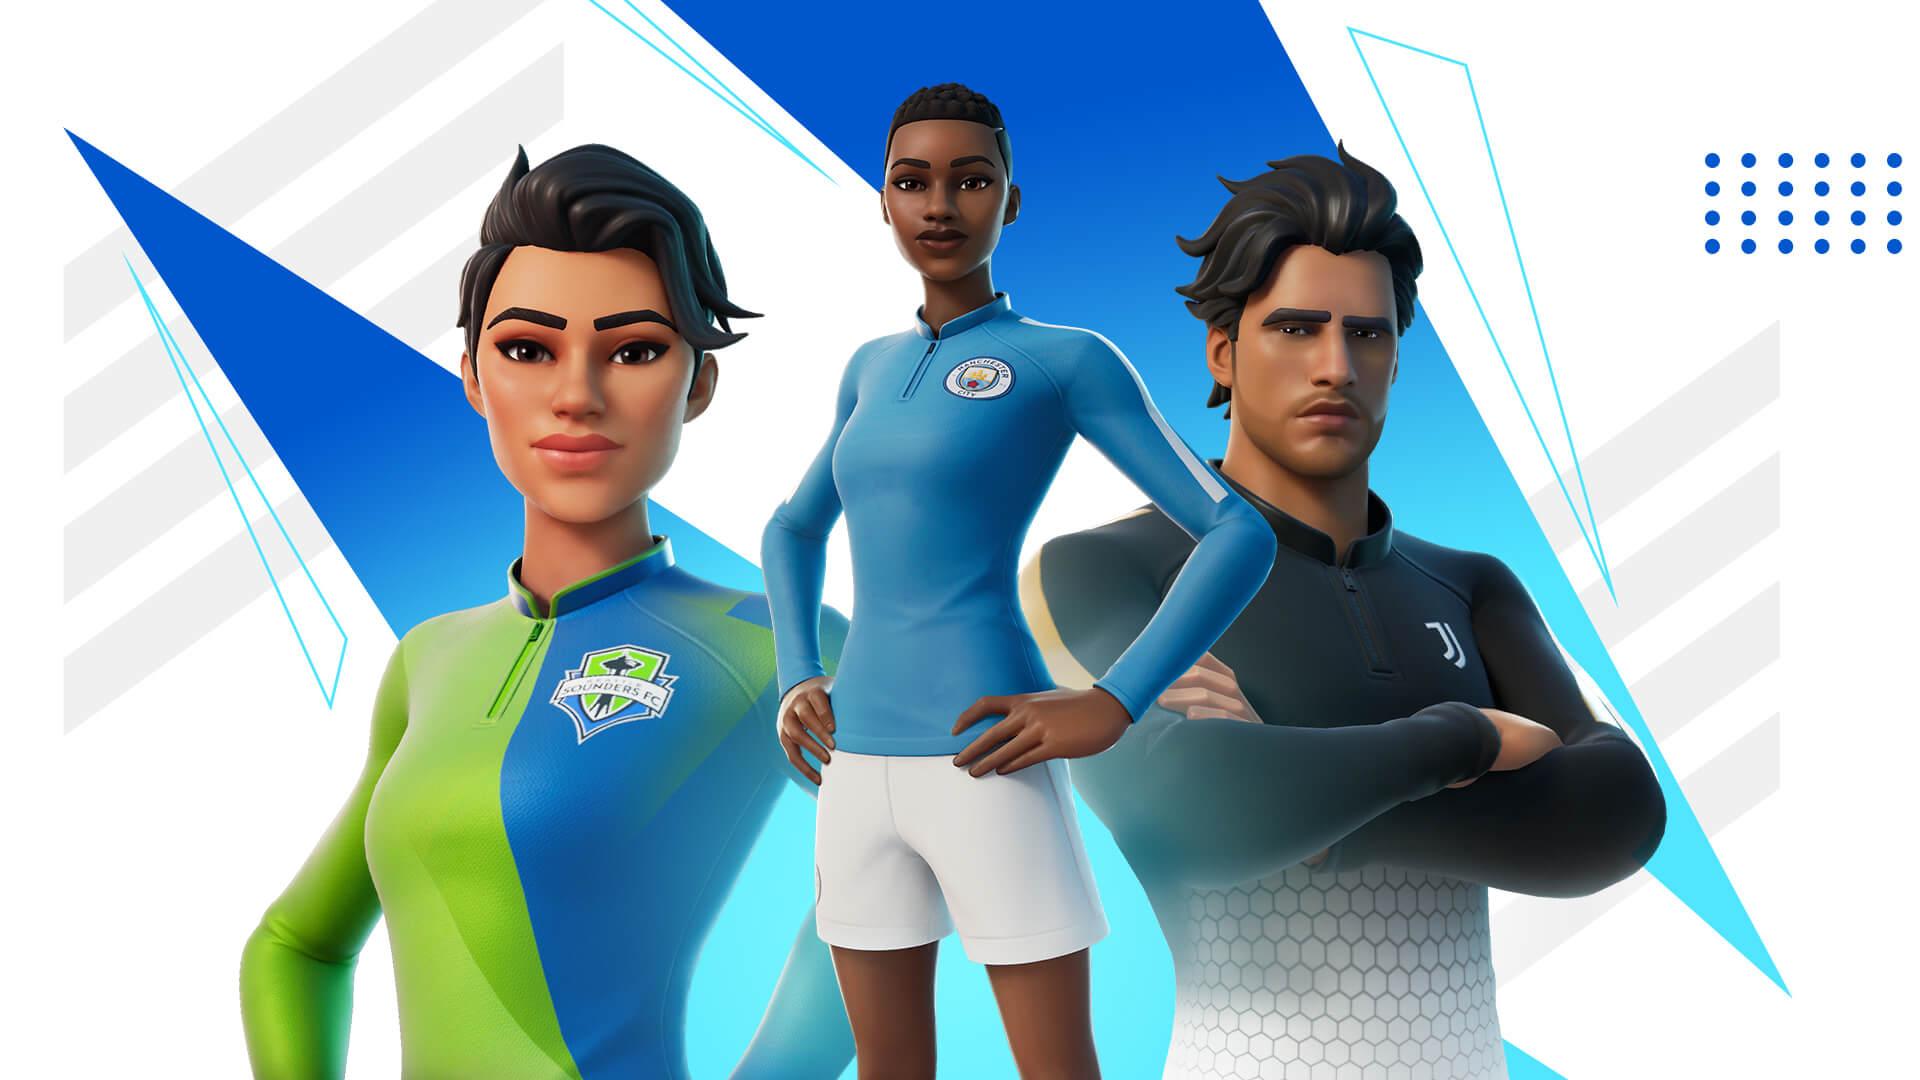 Il mondo del Calcio arriva su Fortnite | Video